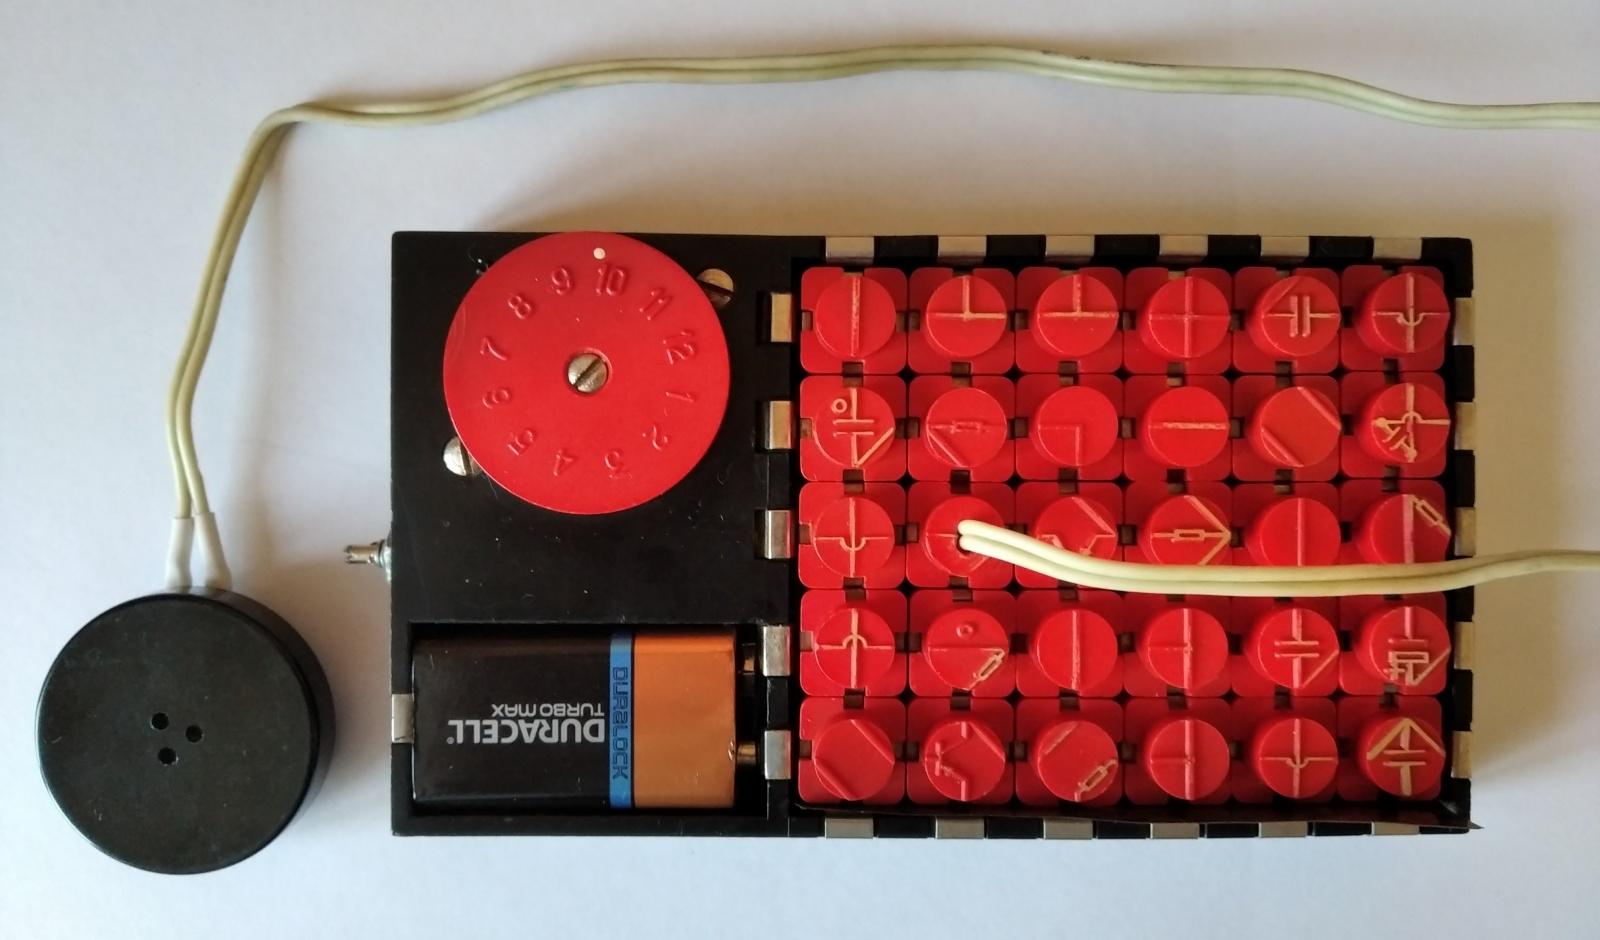 Радиоконструктор «Электронные кубики»: ностальгия по детству - 6